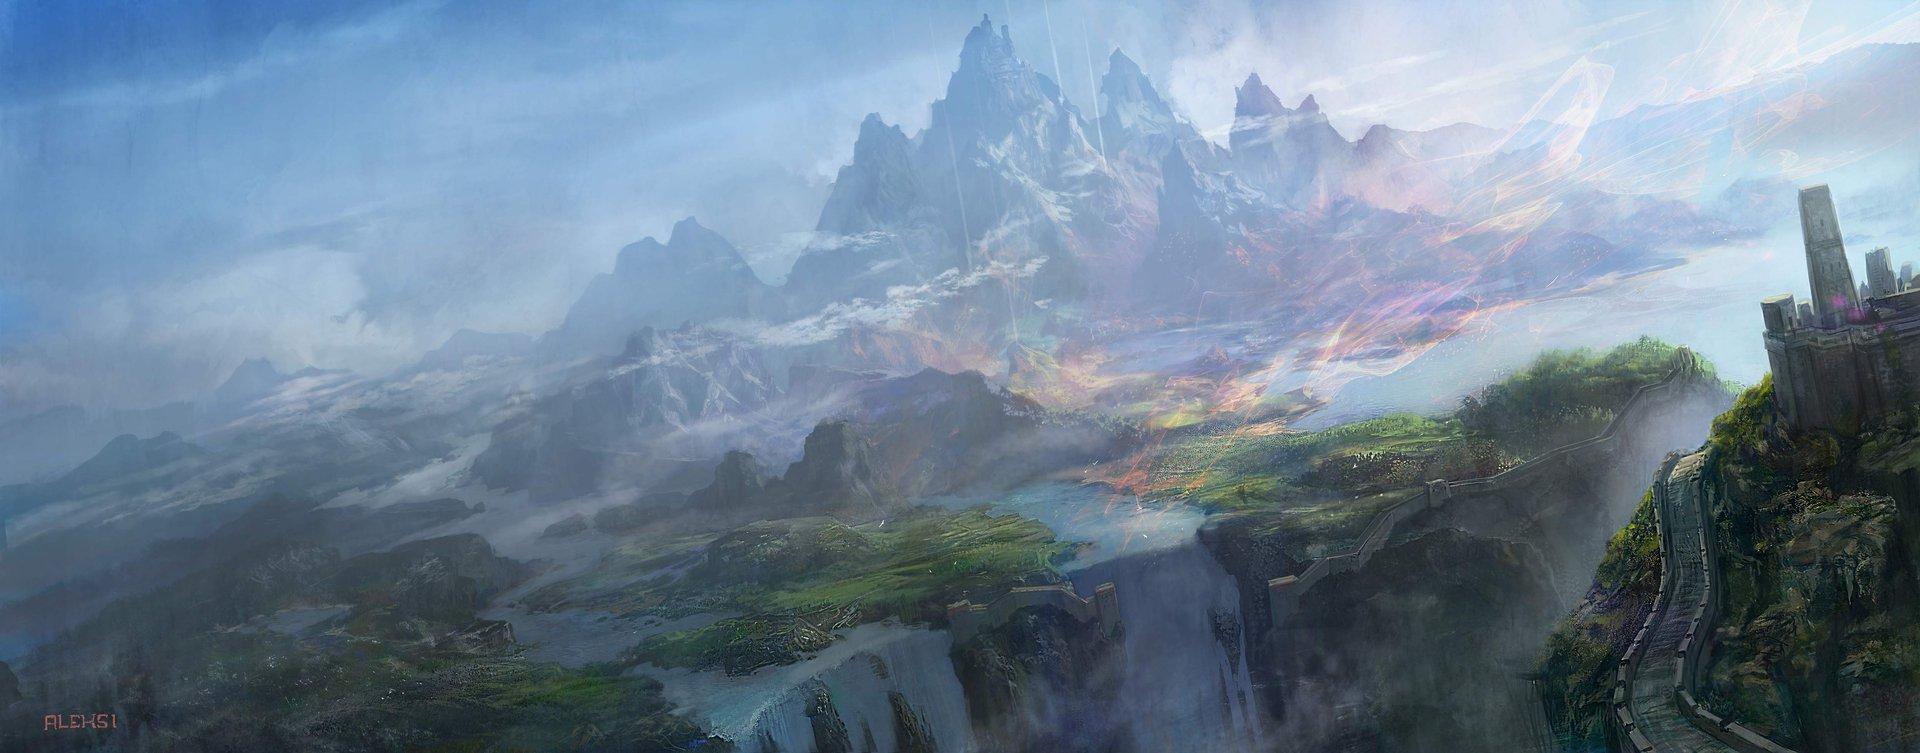 Góra Celestia